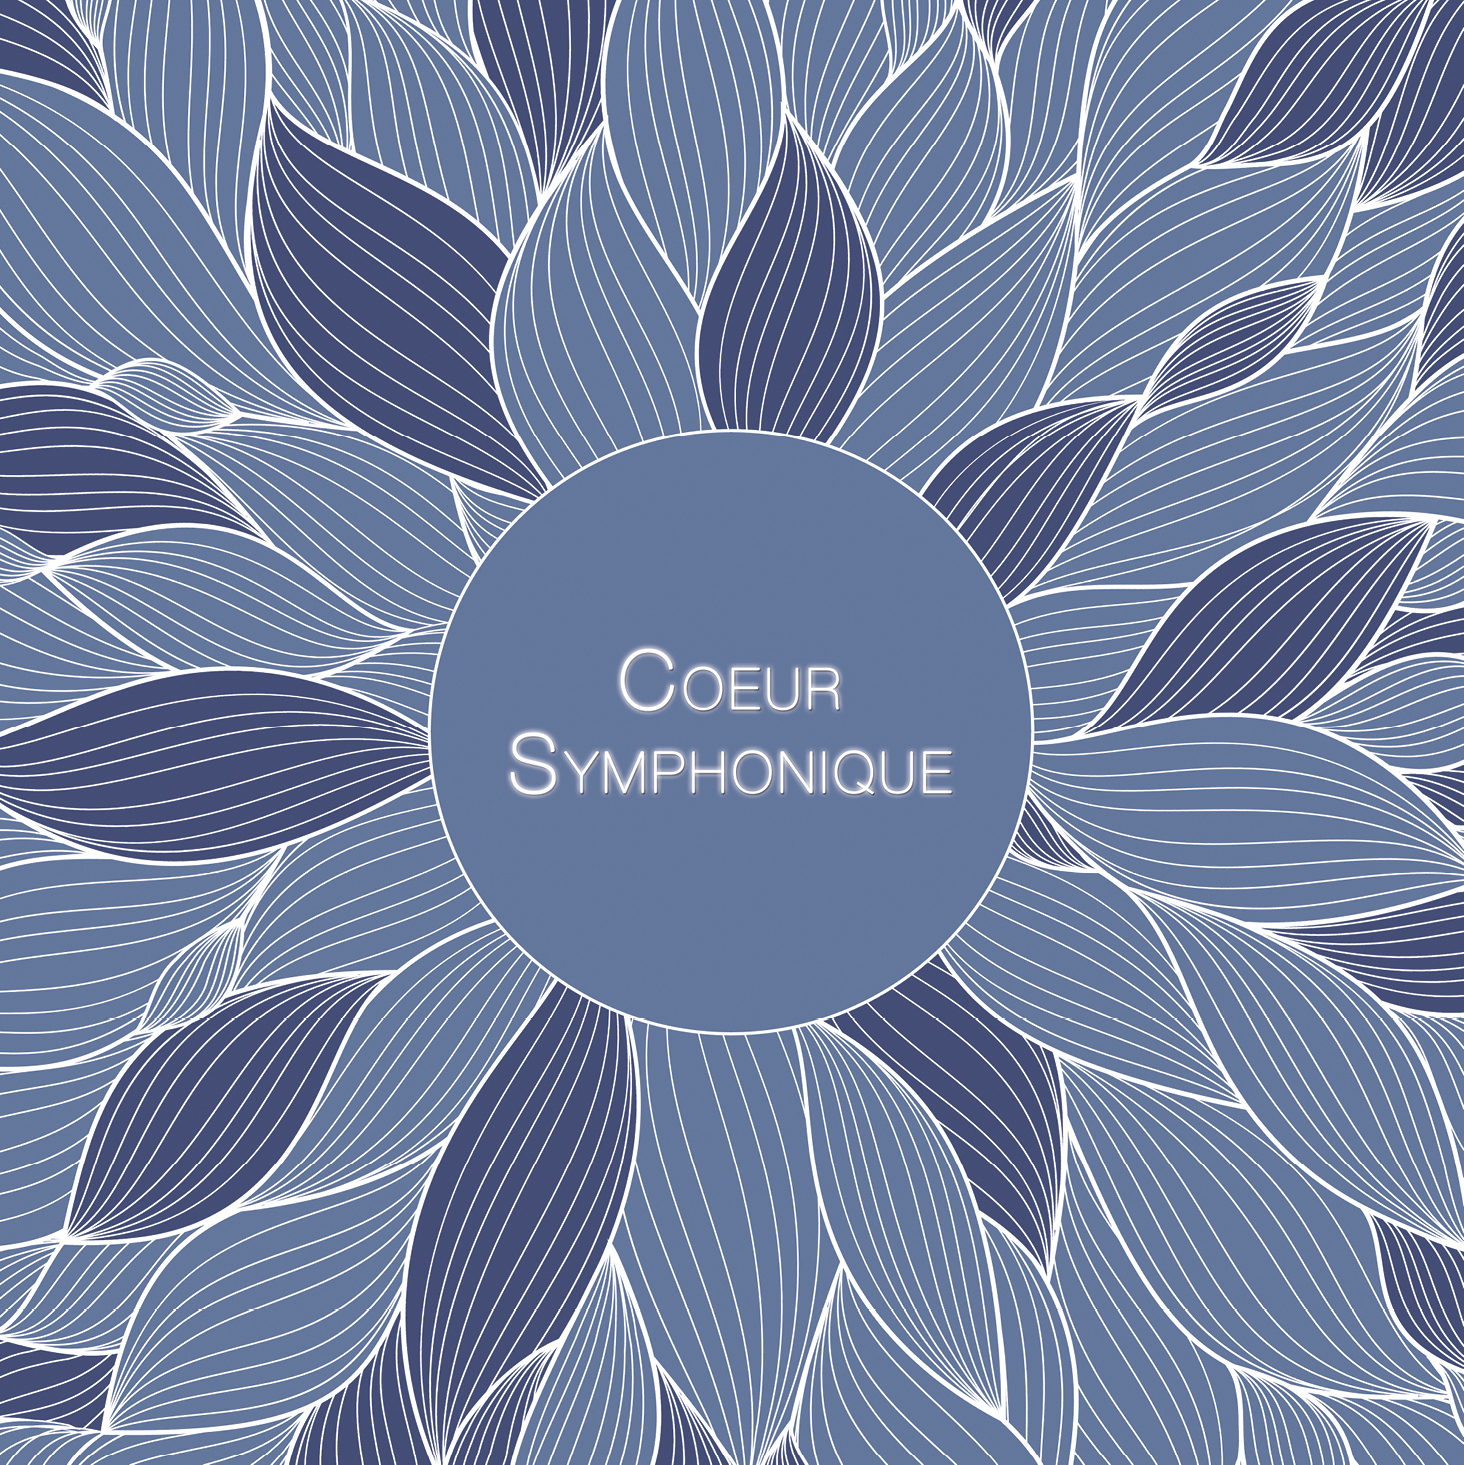 CD Coeur Symphonique - Anthony Doux en tant qu'objet dynamique - 1